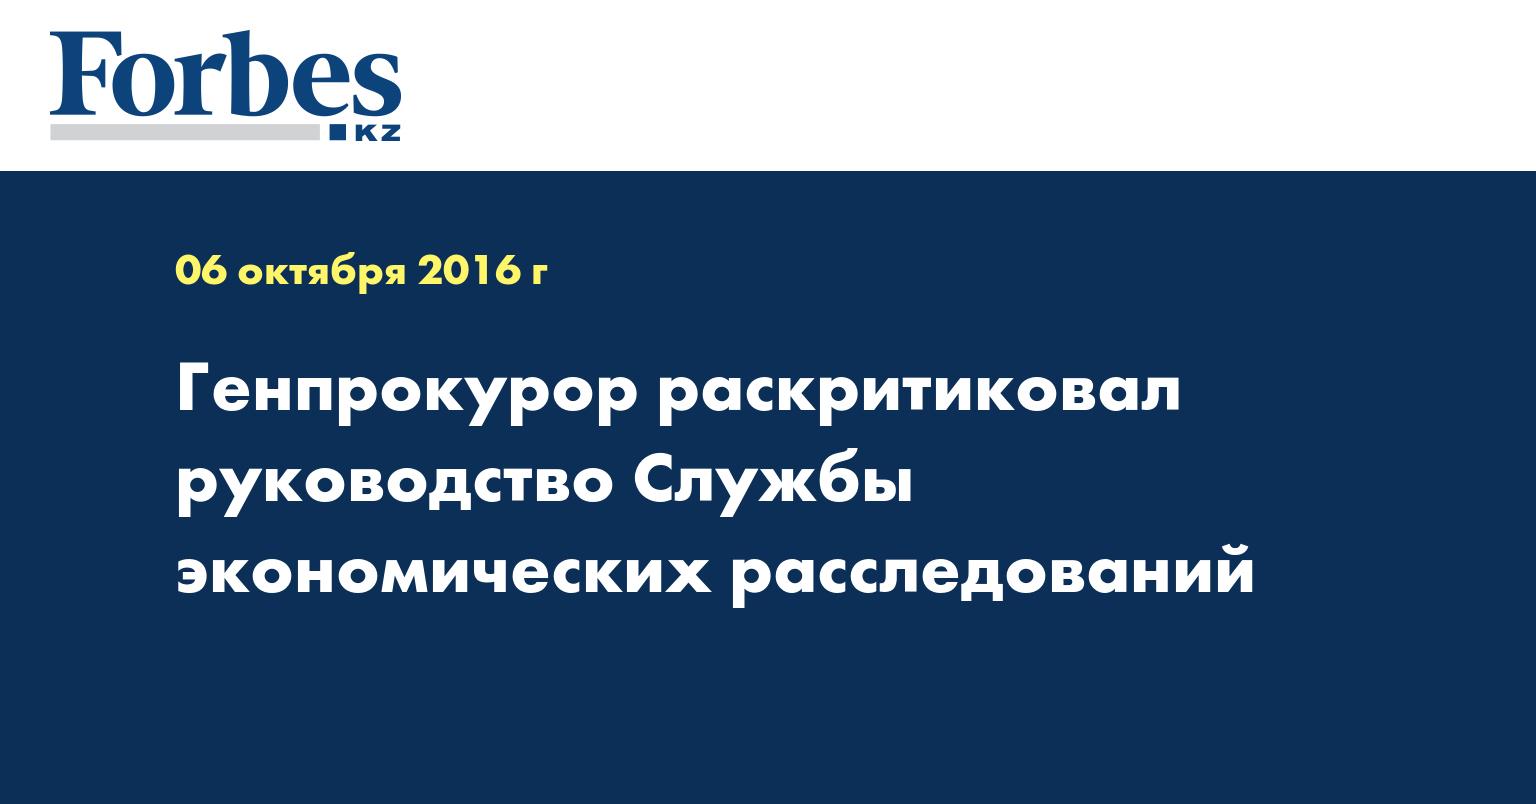 Генпрокурор раскритиковал руководство Службы экономических расследований